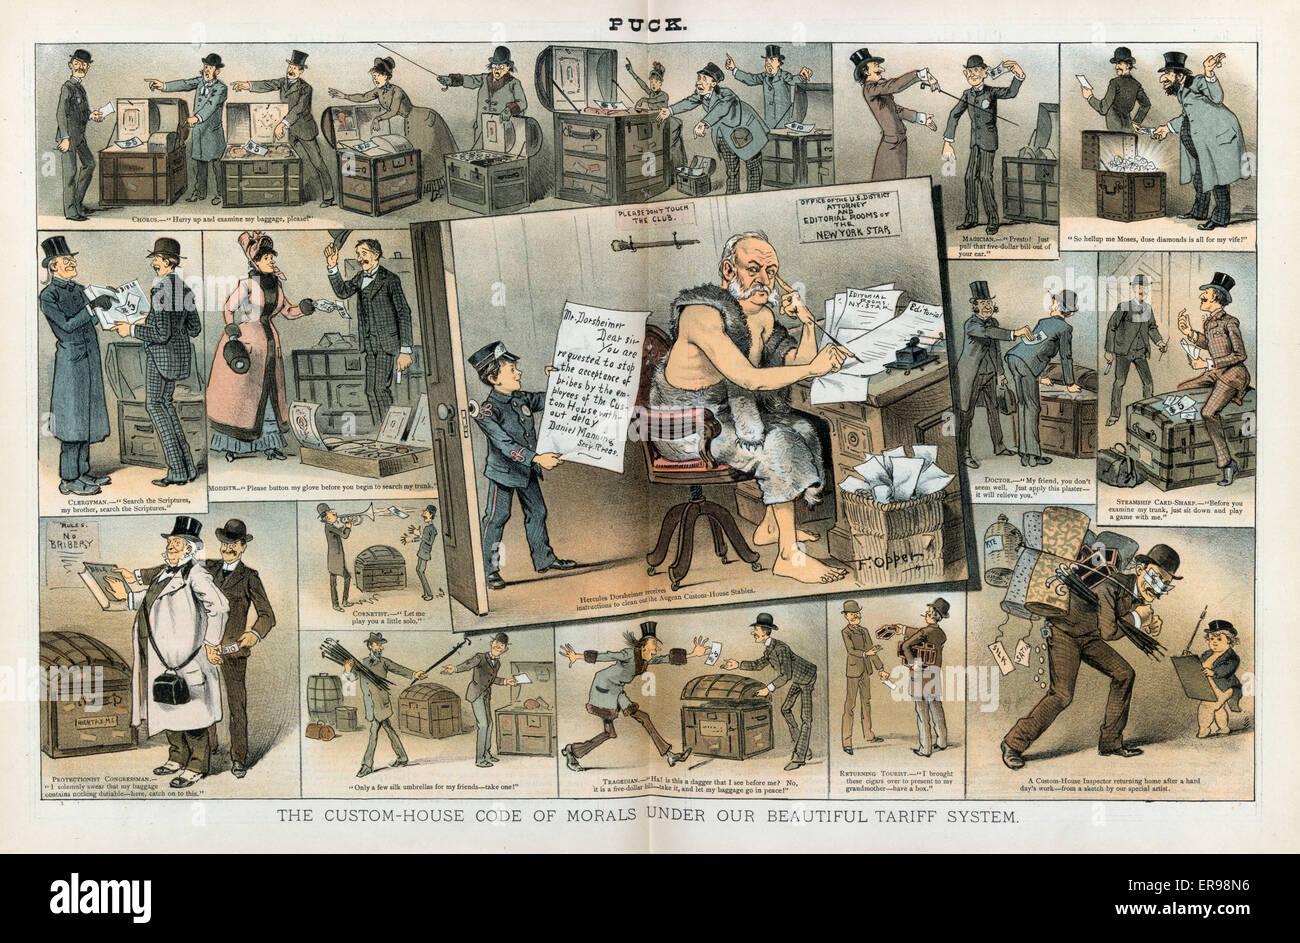 Il custom-house codice morale sotto il nostro bel sistema tariffario. La figura mostra un cartoon vignette con William Immagini Stock